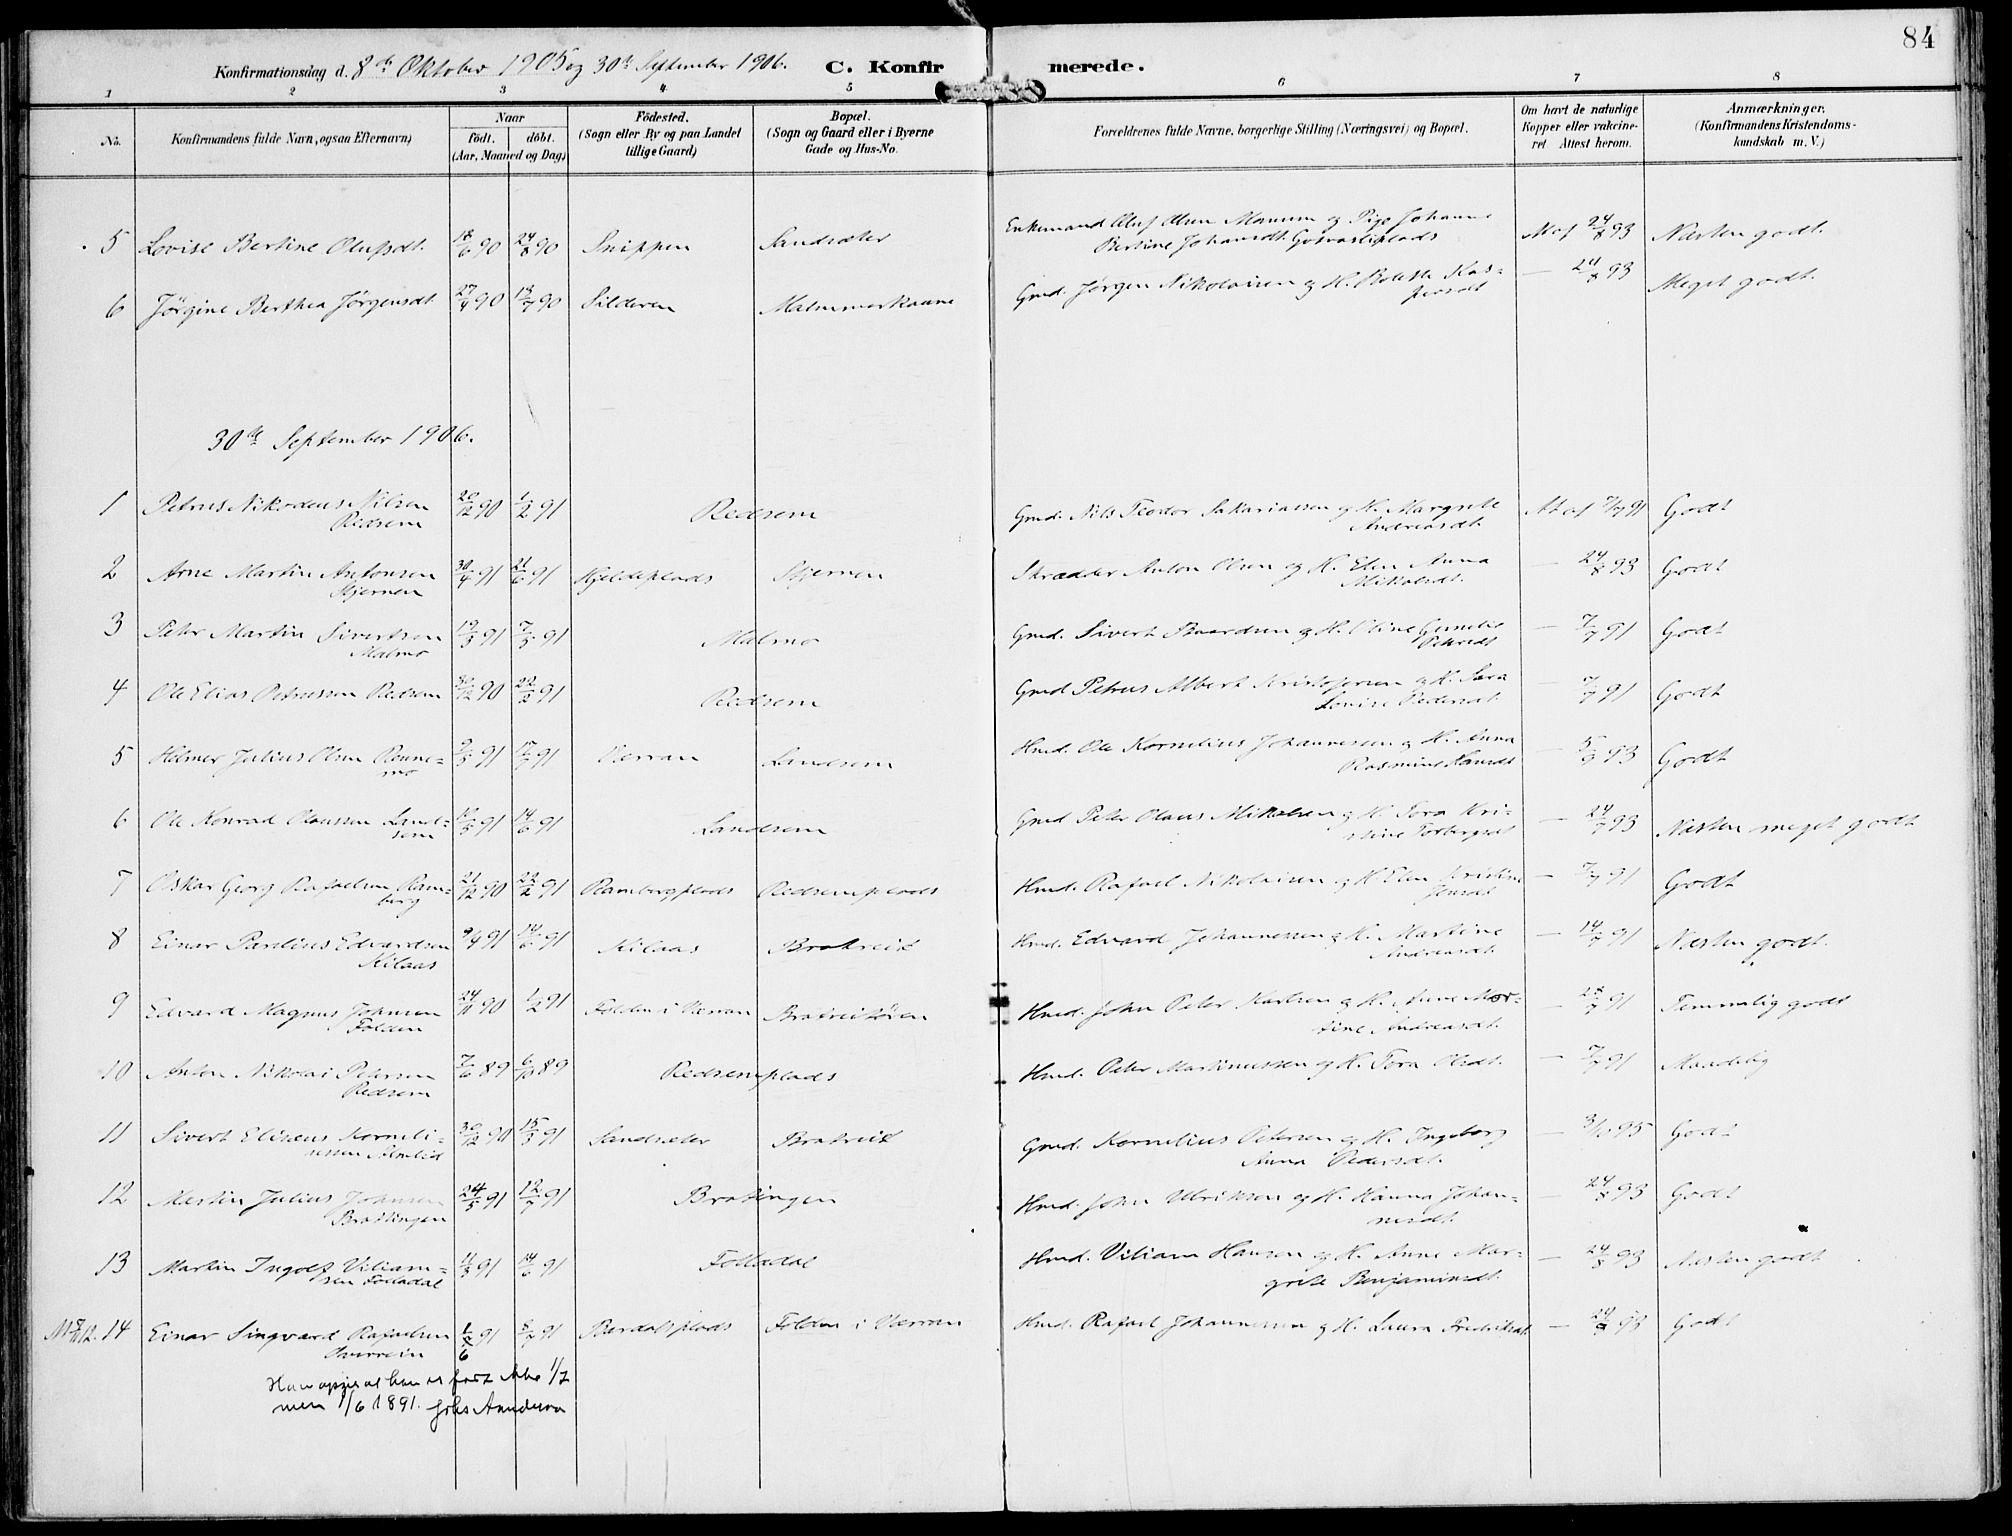 SAT, Ministerialprotokoller, klokkerbøker og fødselsregistre - Nord-Trøndelag, 745/L0430: Parish register (official) no. 745A02, 1895-1913, p. 84